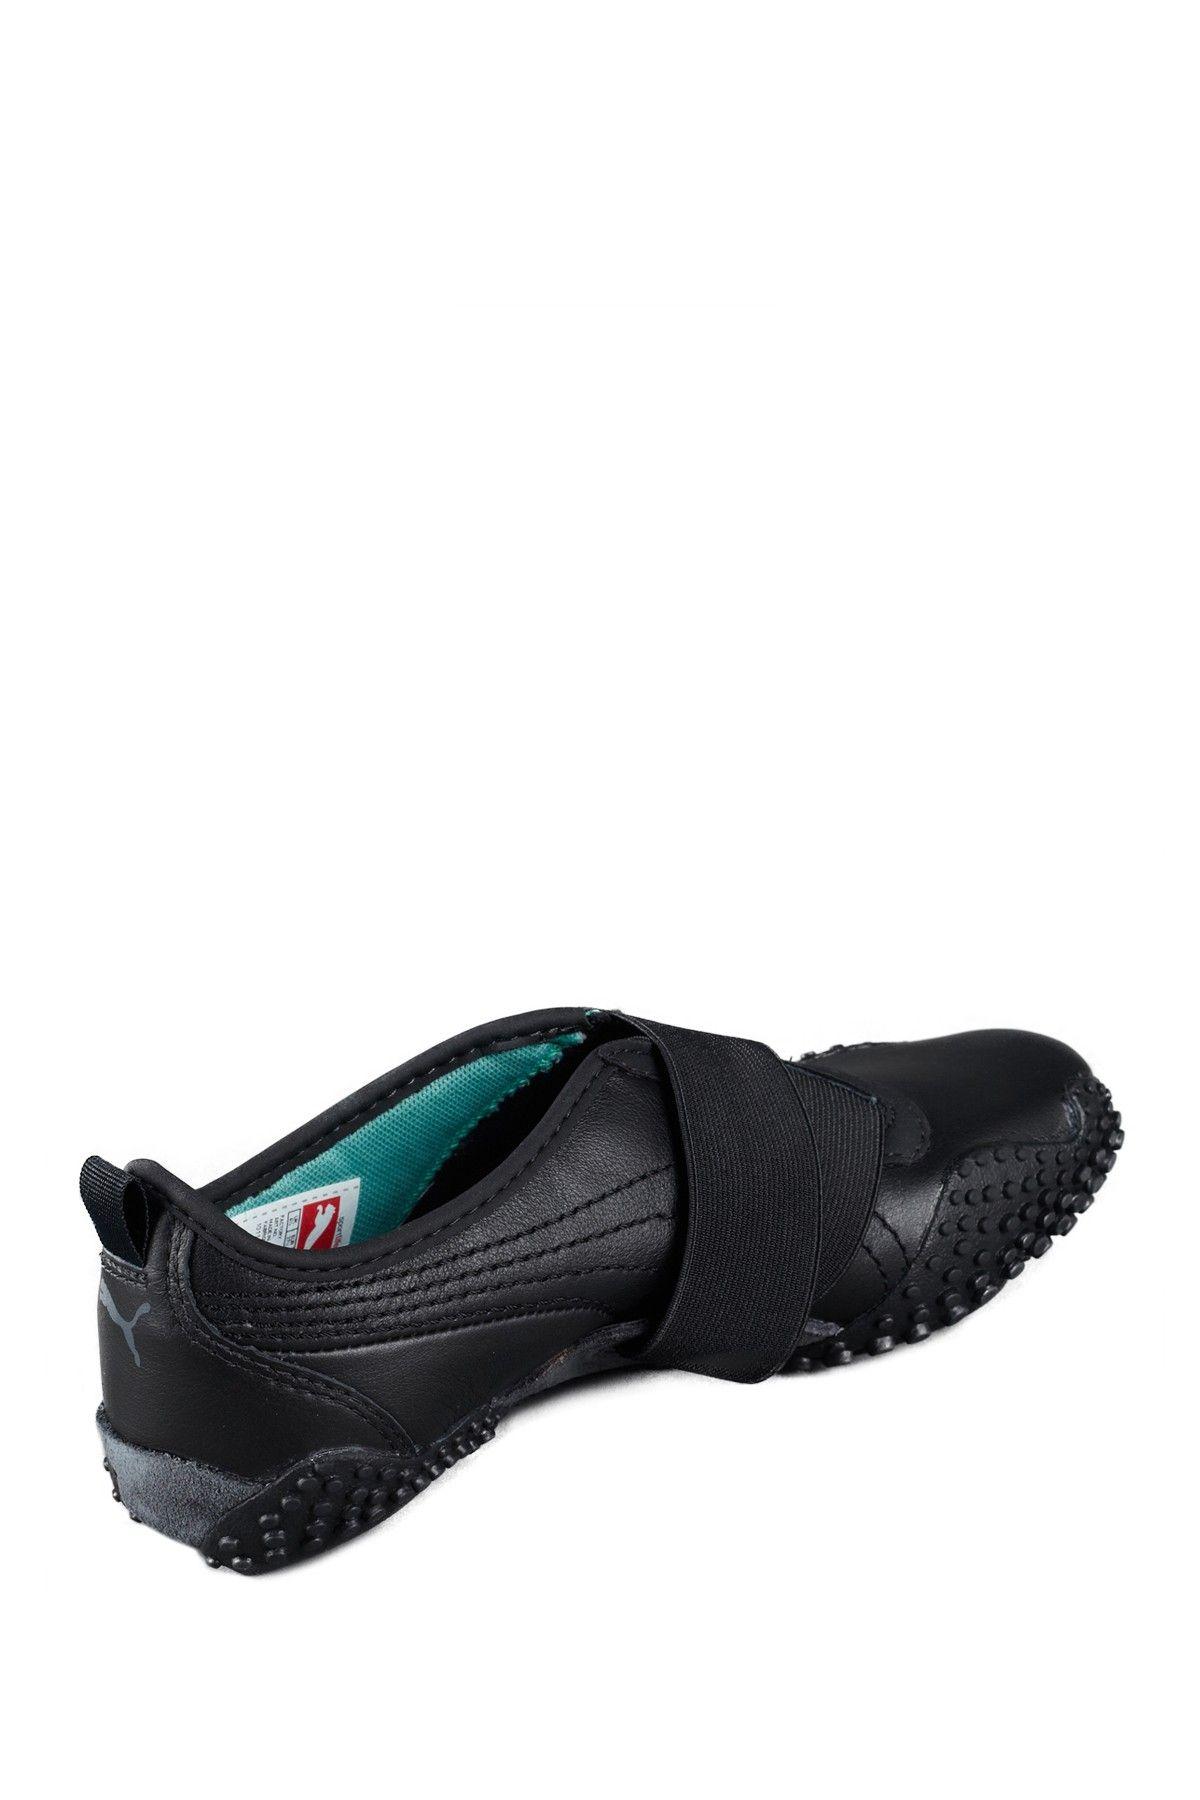 design de qualité d2f8b 62fc3 PUMA - Mostro Femme Perf L Shoe is now 47% off. Free ...